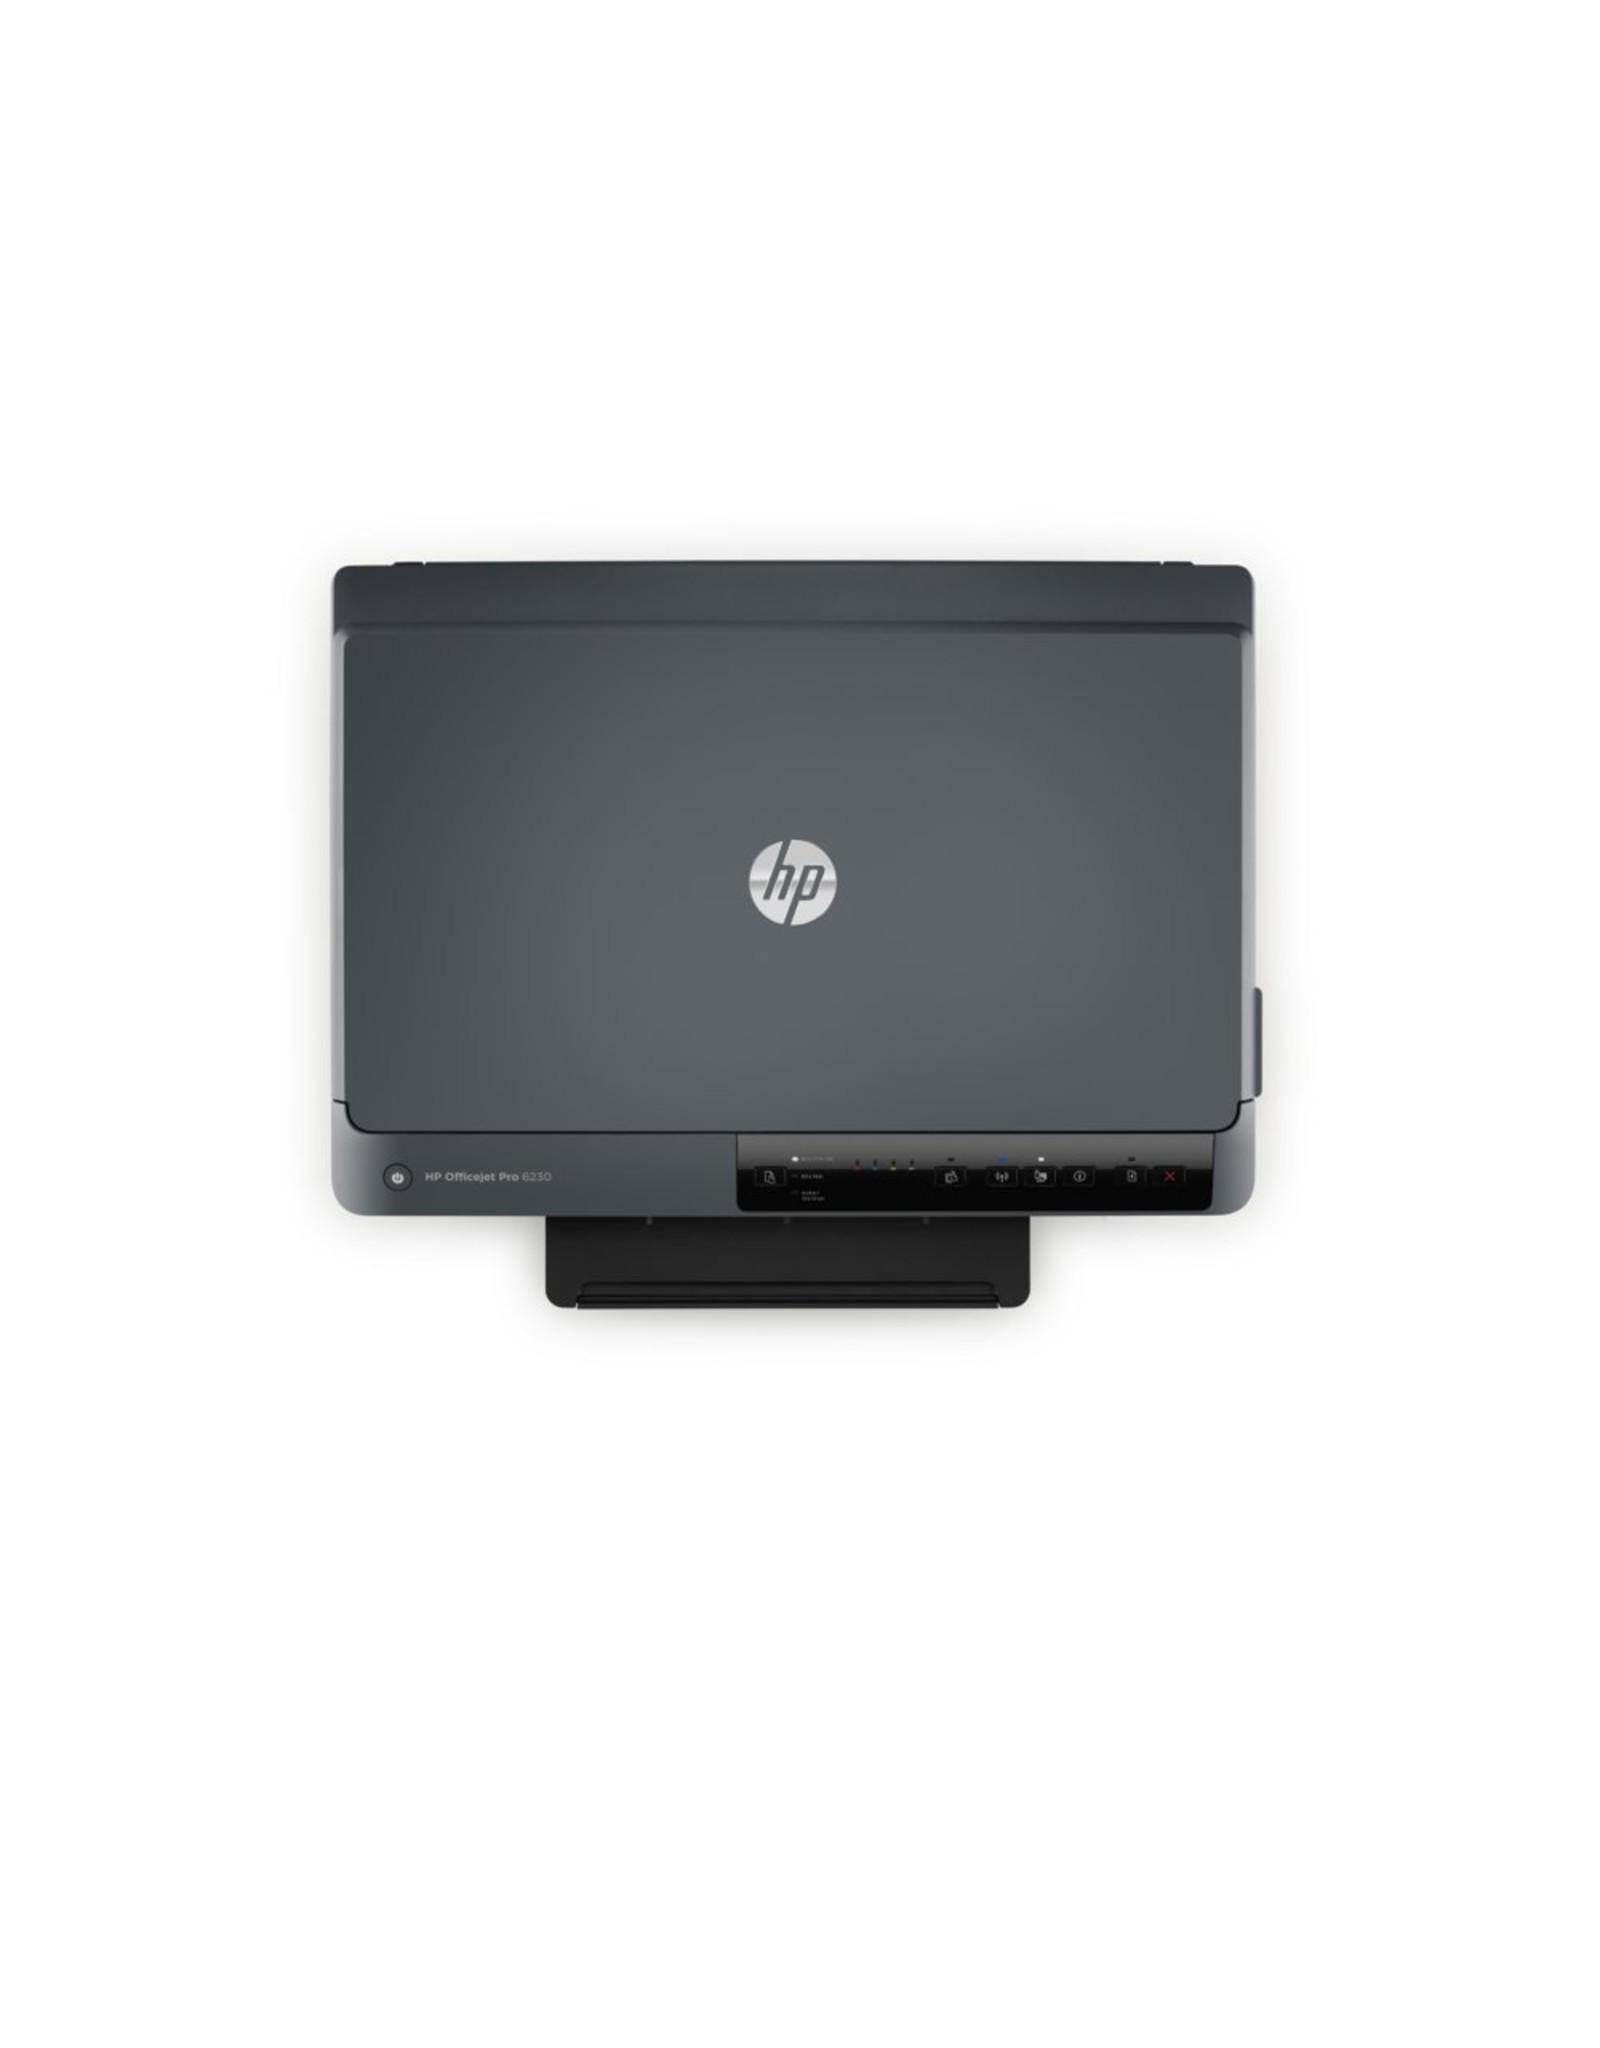 Hewlett Packard HP Officejet Pro 6230 / WIFI / Color / 18PPM (refurbished)